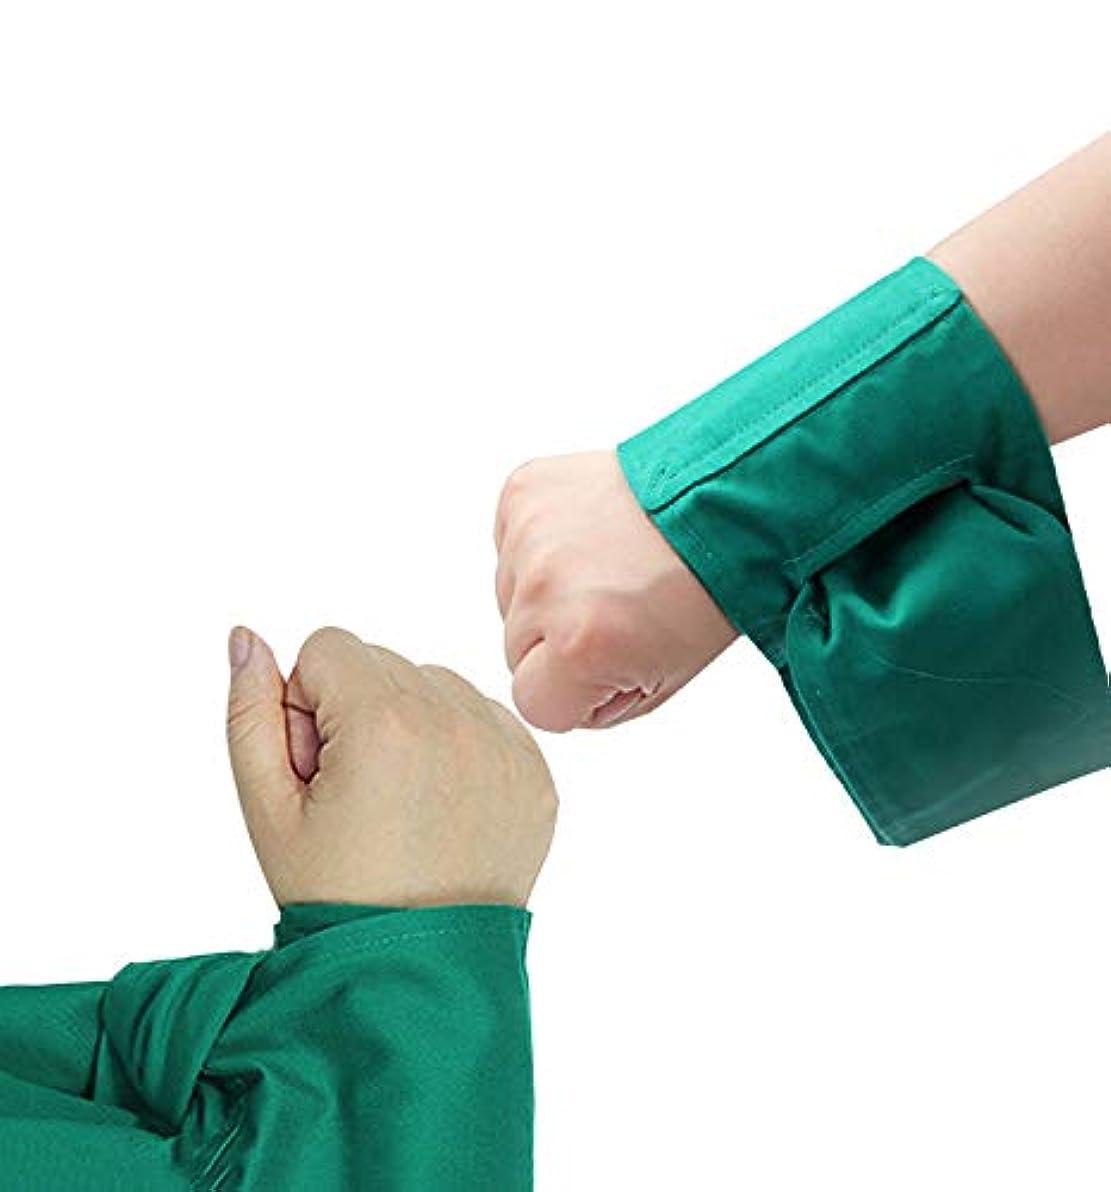 役職然とした変更手足ホルダー - 医学的拘束手足のための患者肢ホルダー - 1対の上肢または下肢拘束バンド,Green